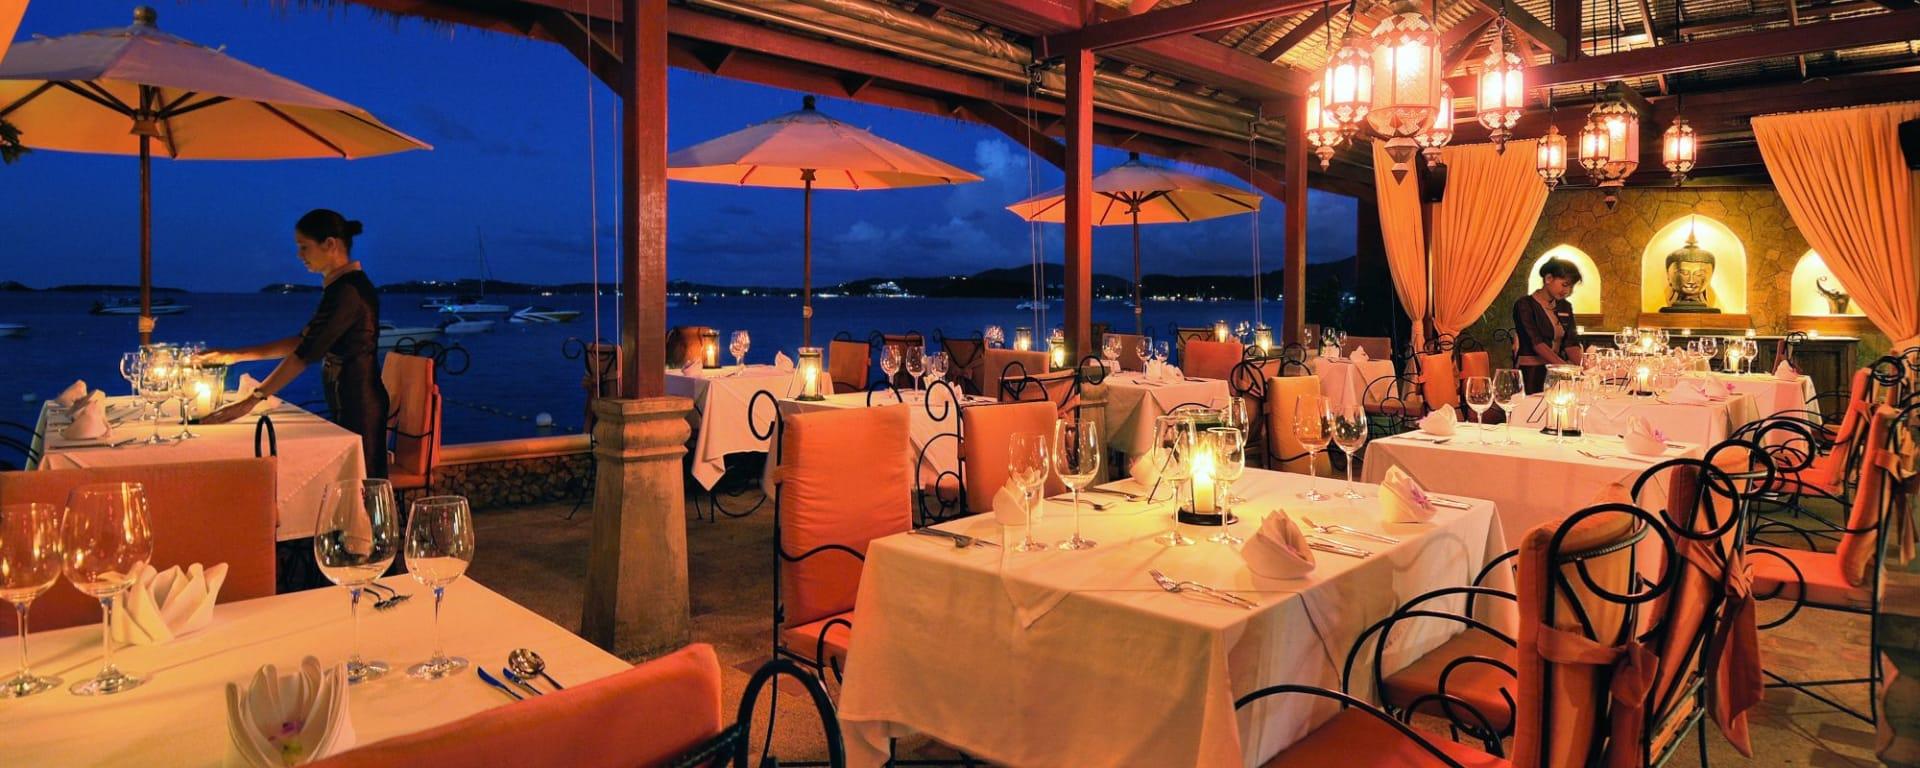 Zazen Boutique Resort & Spa in Ko Samui: Zazen Restaurant's Beachfront Terrace